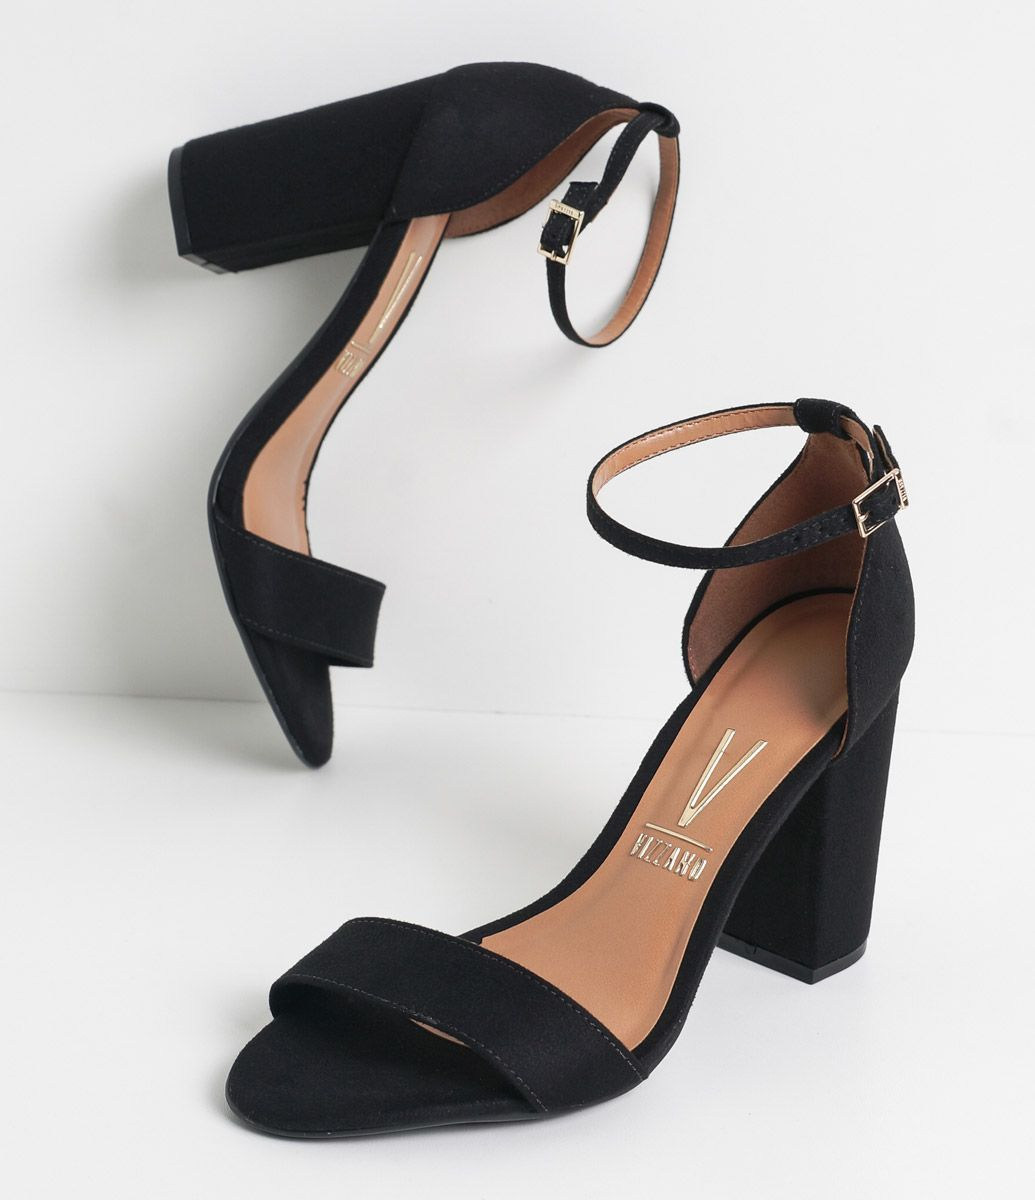 a25c0a0ead Sandália feminina Material  sintético Salto grosso Marca  Vizzano COLEÇÃO  VERÃO 2017 Veja outras opções de sandálias femininas. Sobre…